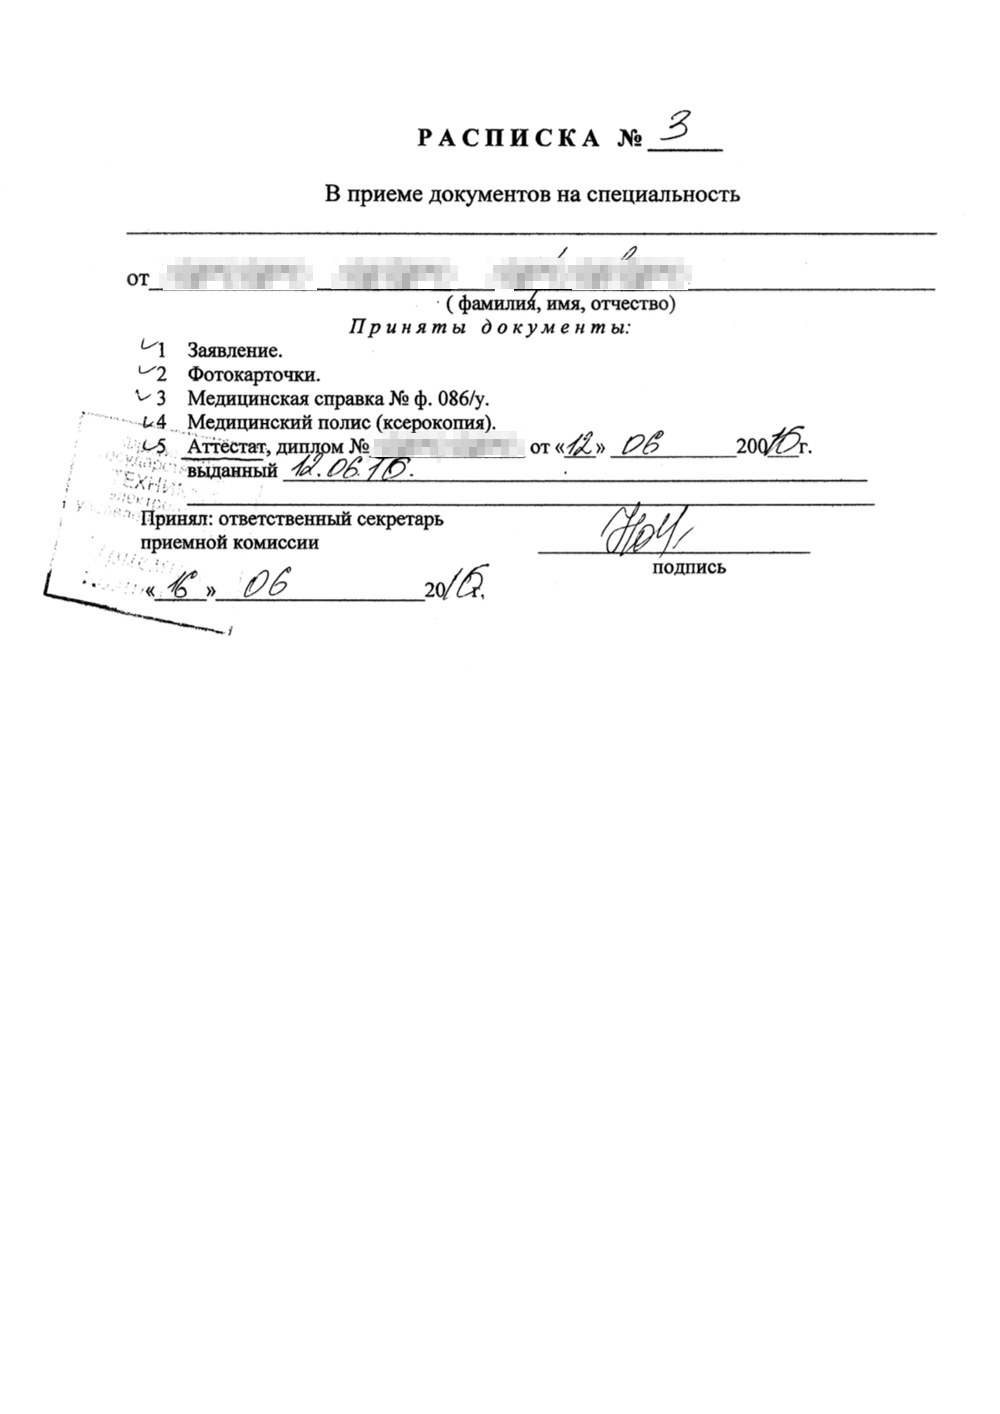 Расписка о приеме документов дляпоступления в колледж. Репетиторы Кириллу были необходимы, чтобытуда поступить